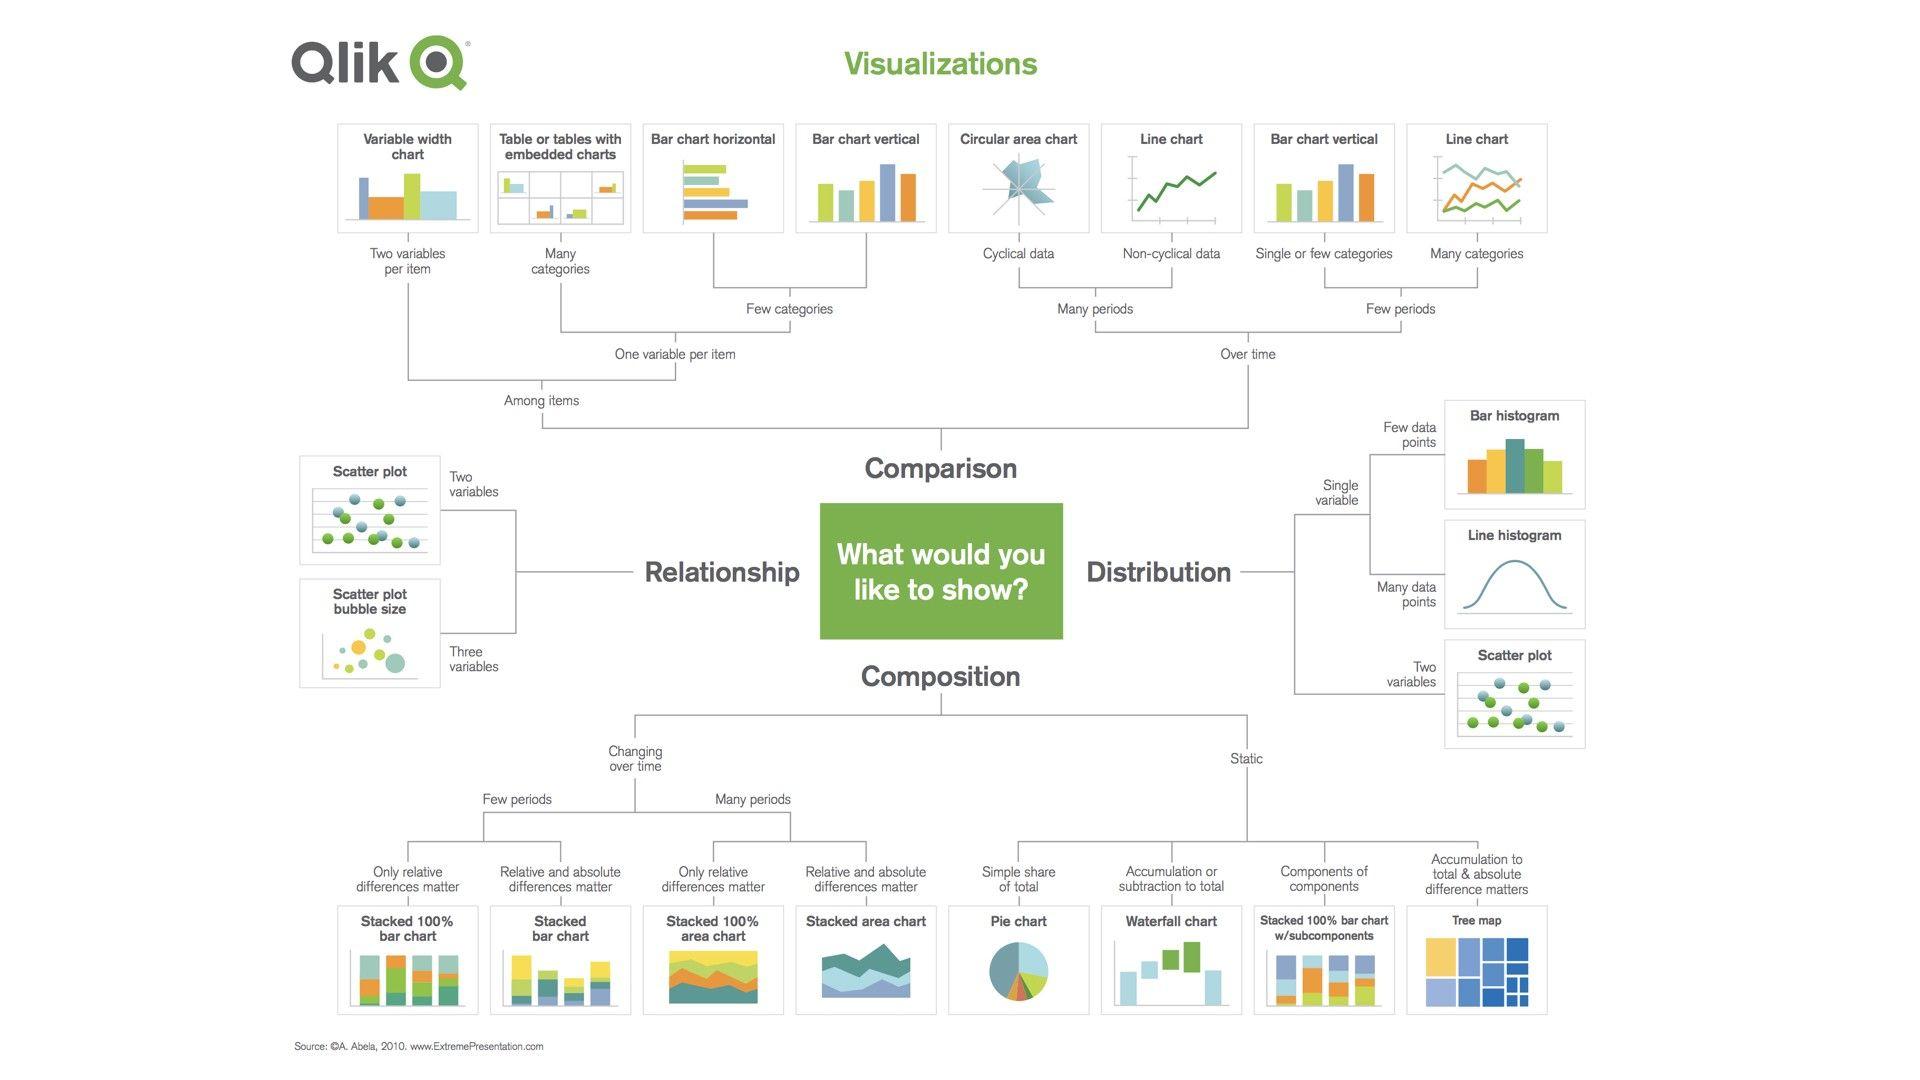 資料視覺化Data Visualization:圖表設計   Data visualization, Bar chart, Templates